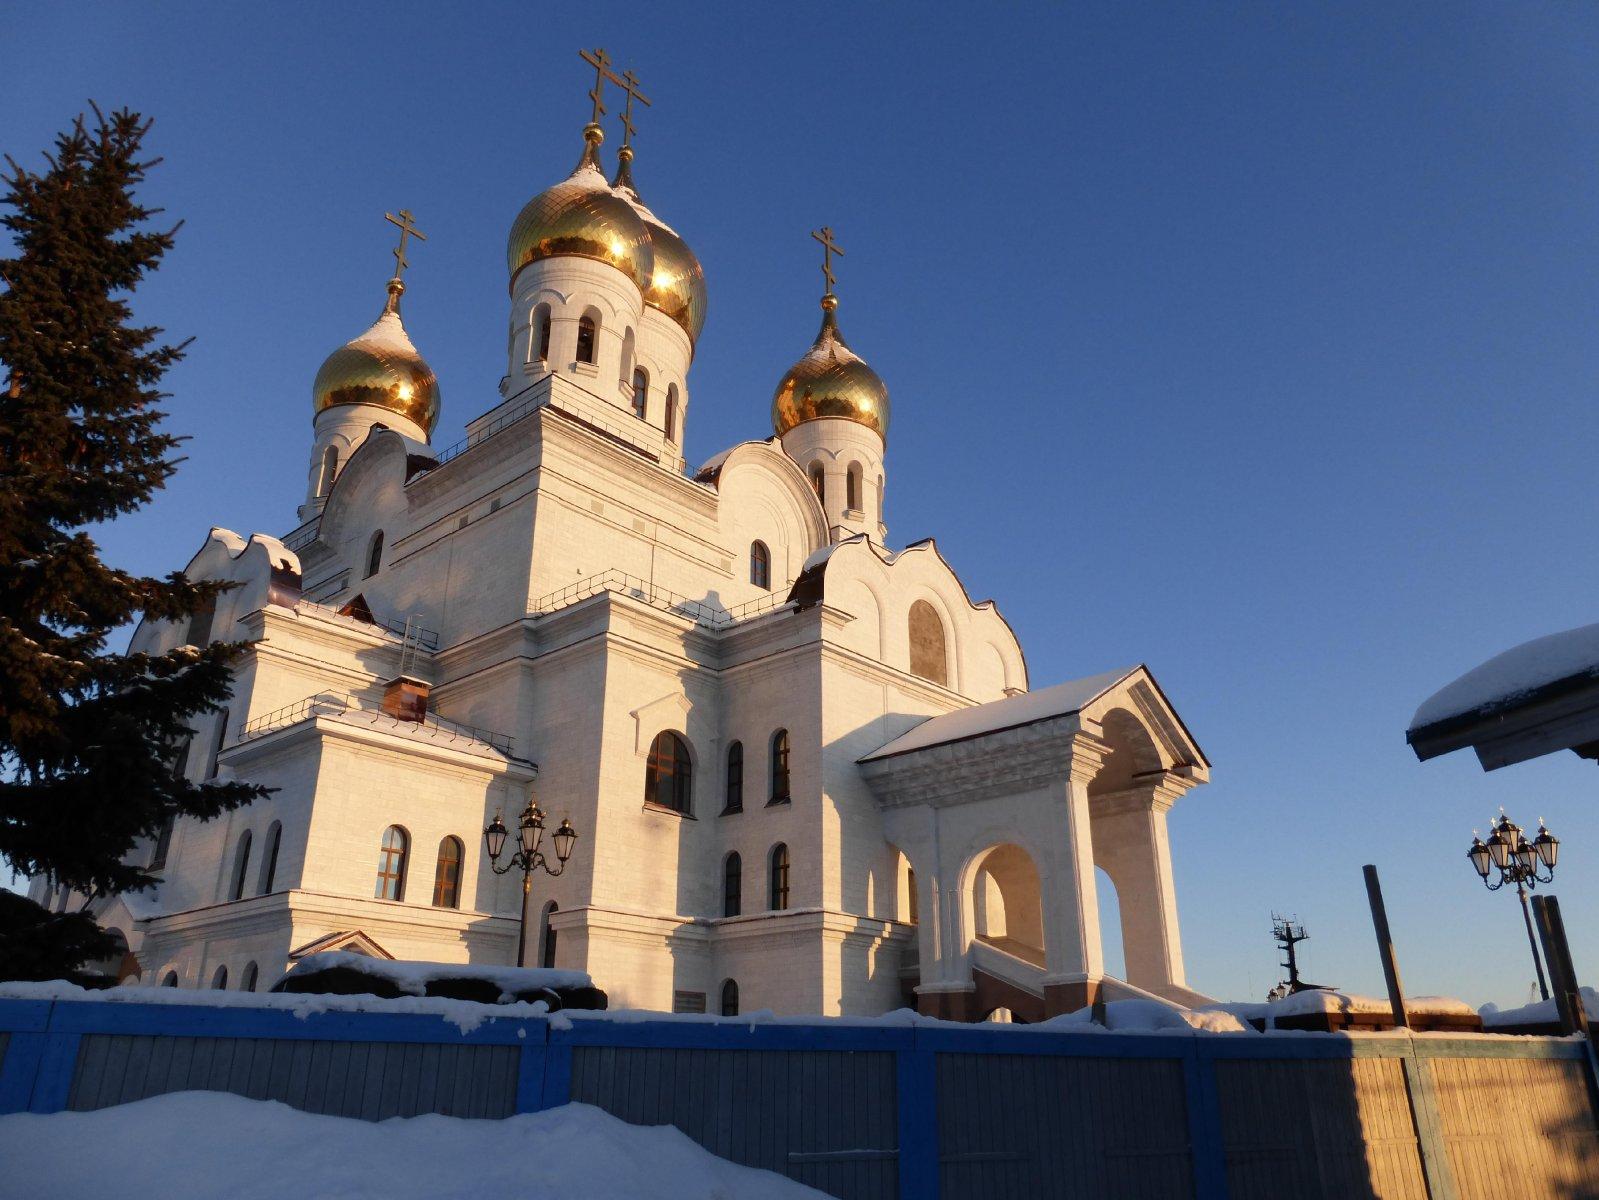 Готов ли главный храм к богослужениям